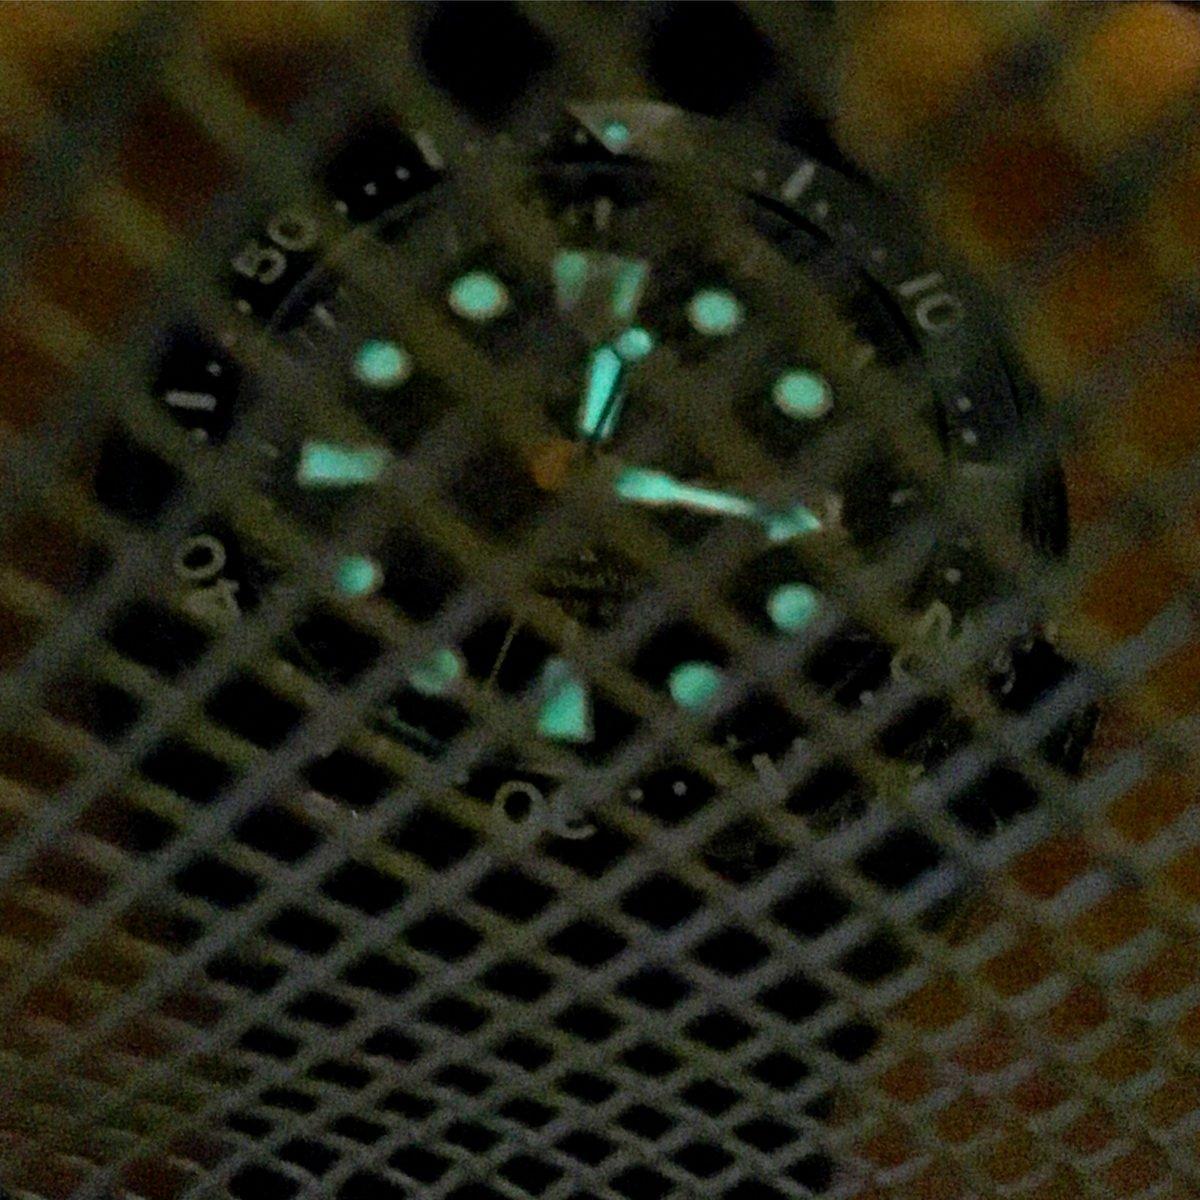 D98E52BC-5741-48E4-B43D-927FDF05DD64.